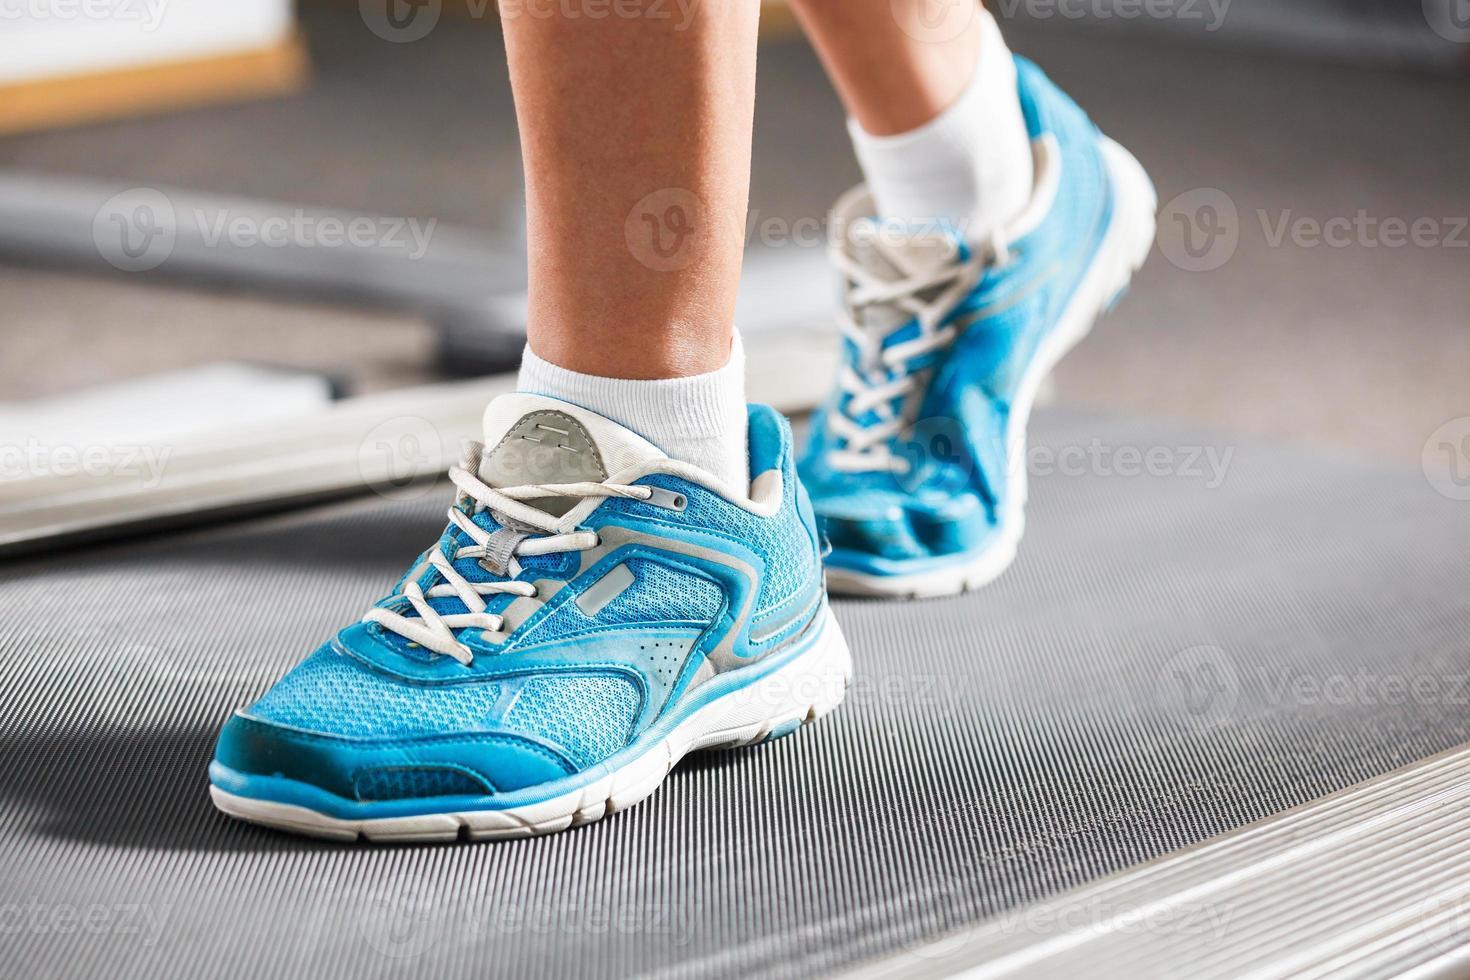 kvinna kör på löpbandet i gymmet. foto